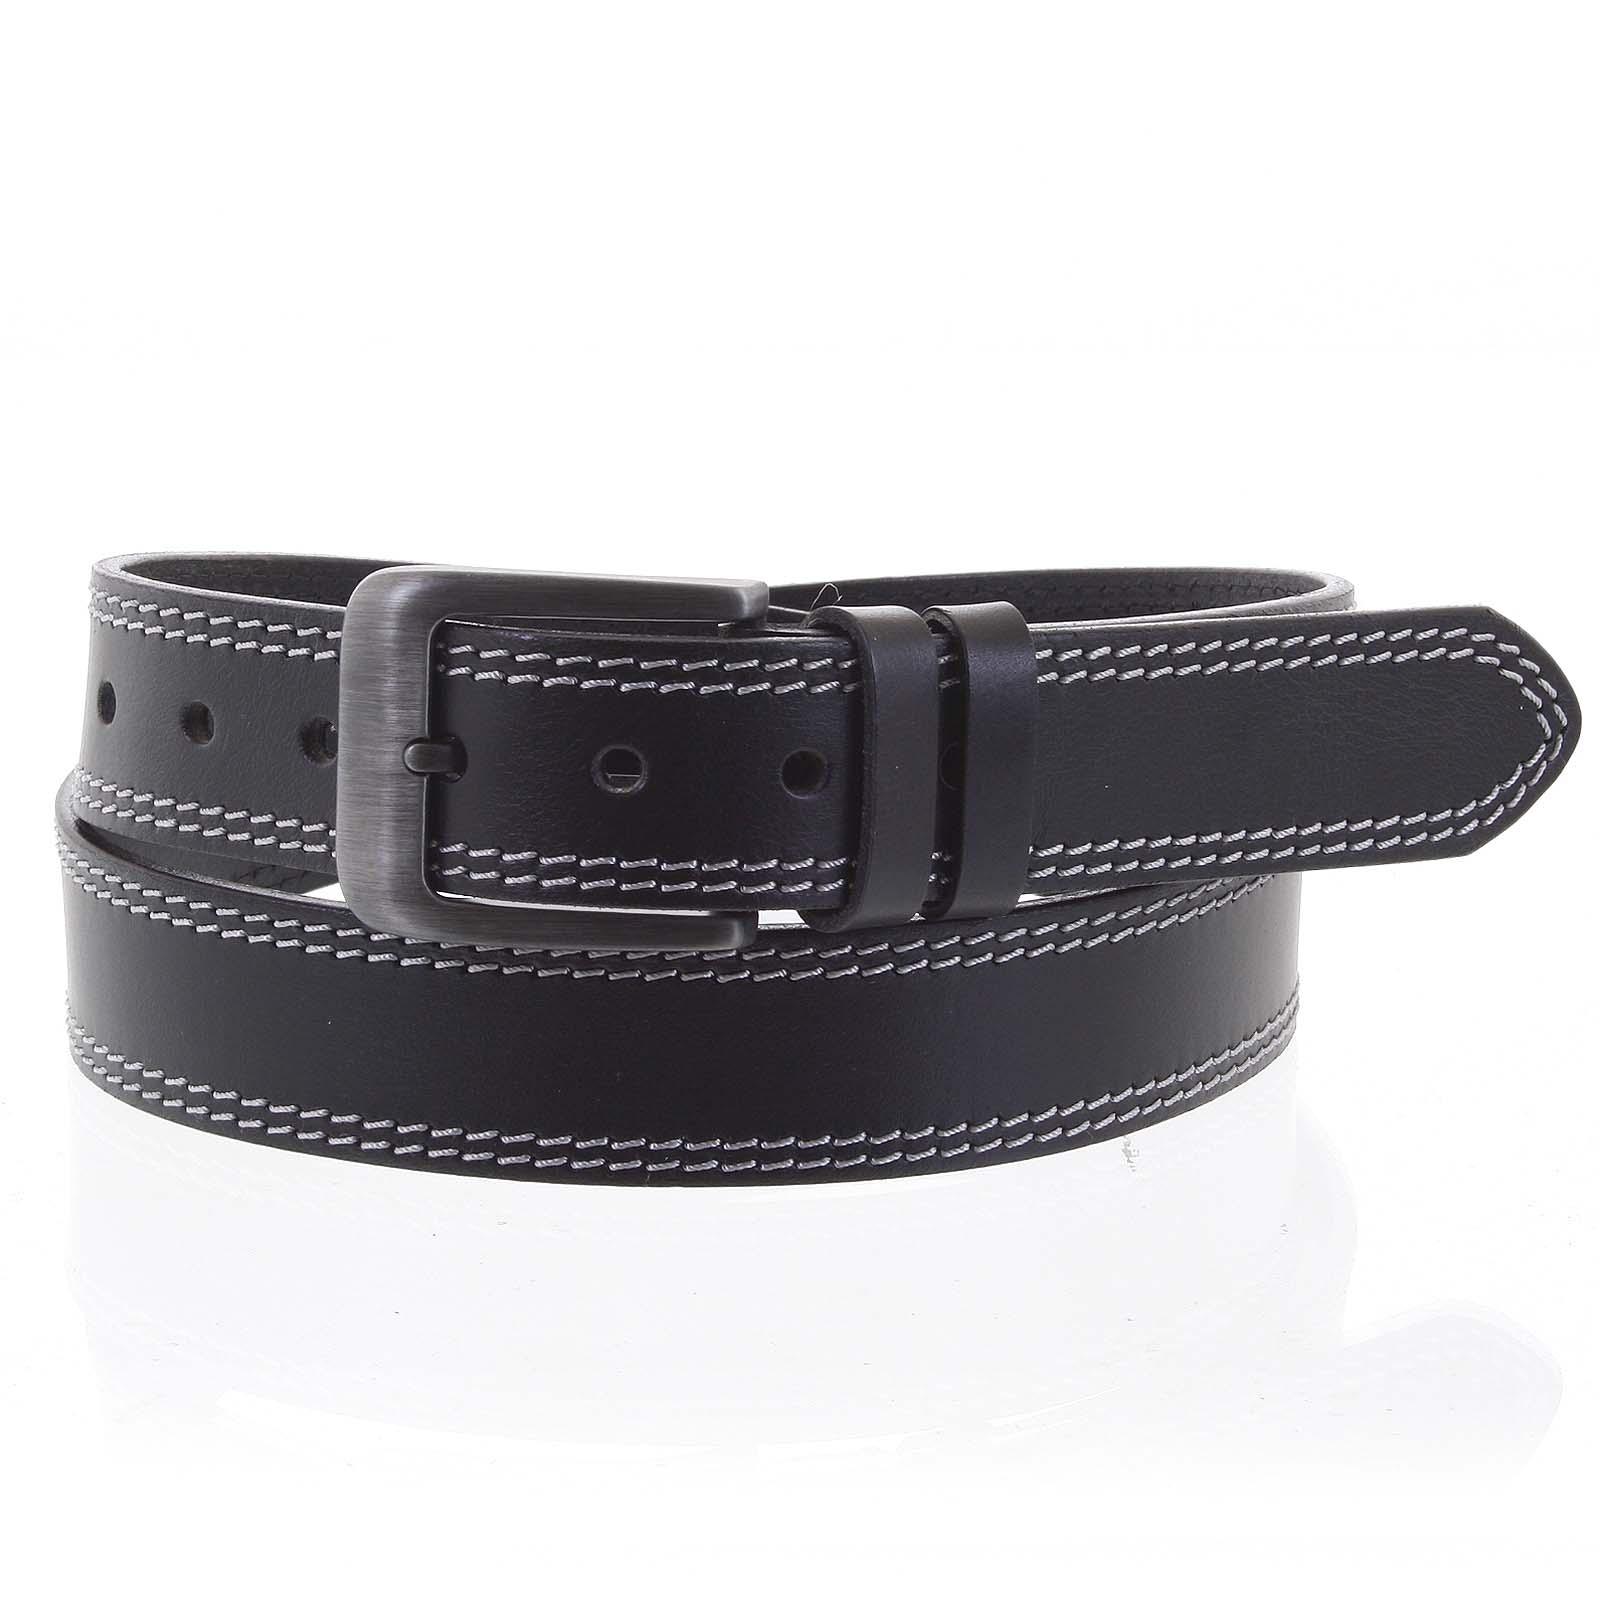 Pánsky kožený opasok jeansový čierny - PB Sadoc 115